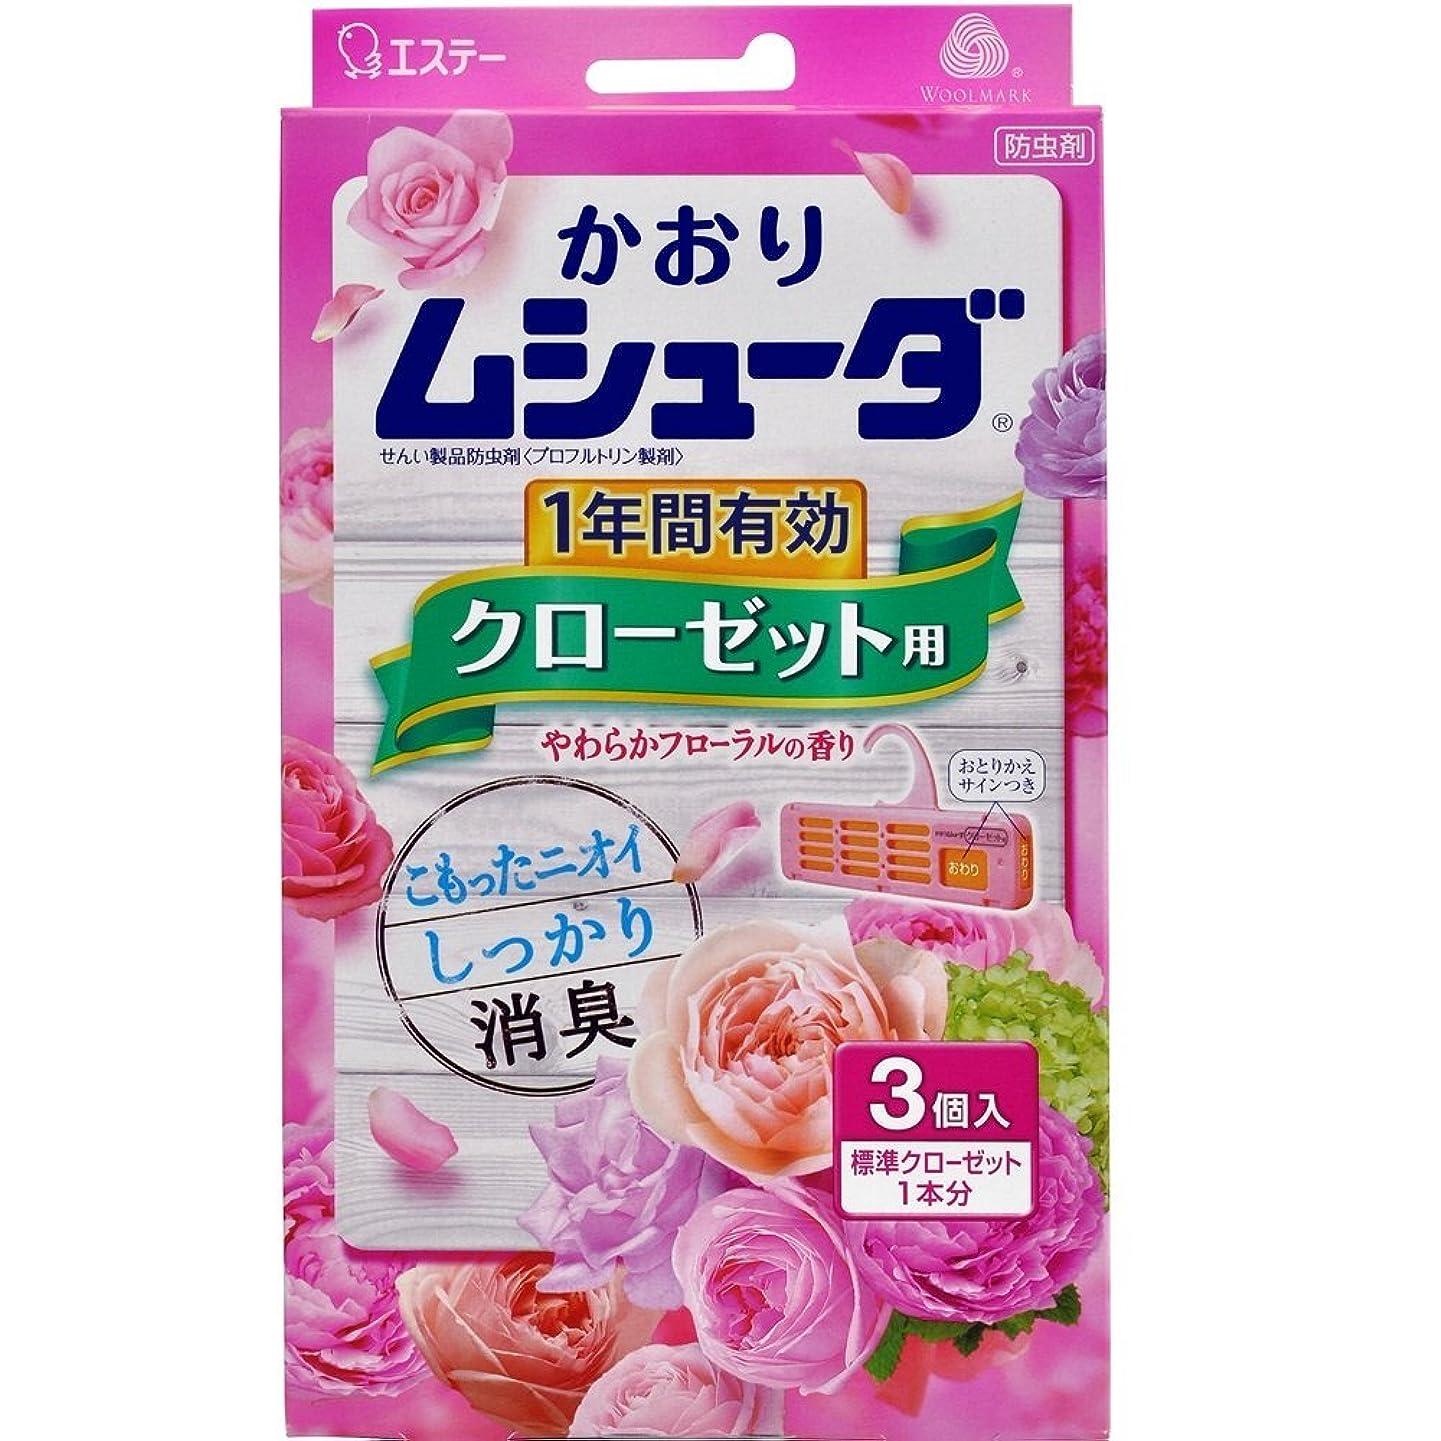 会計キャプション心理的にかおりムシューダ 1年間有効 防虫剤 クローゼット用 3個入 やわらかフローラルの香り